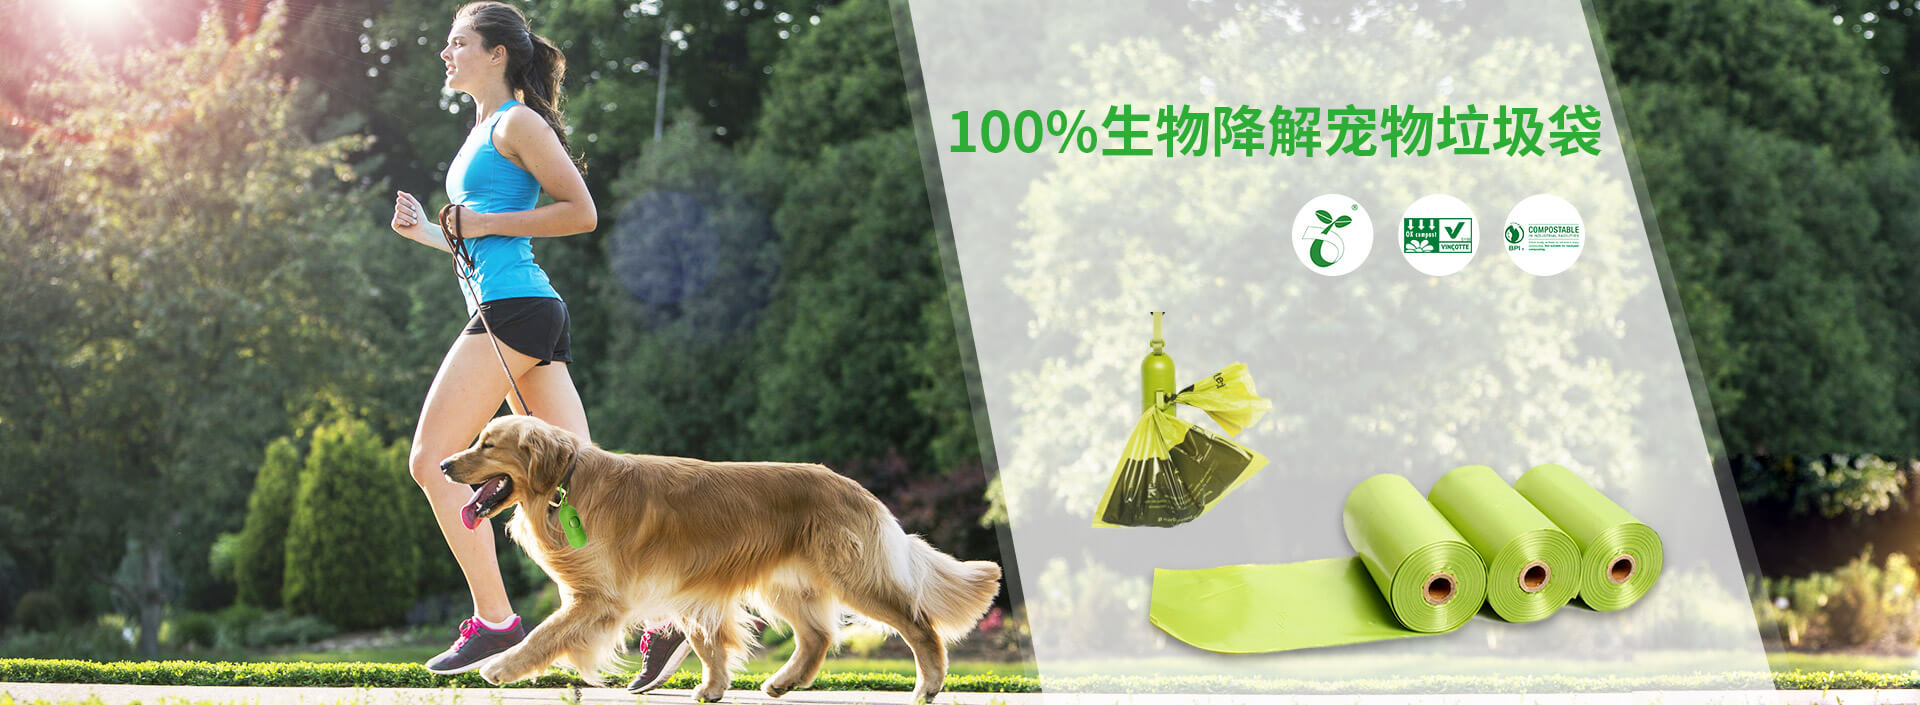 100%生物降解宠物垃圾袋